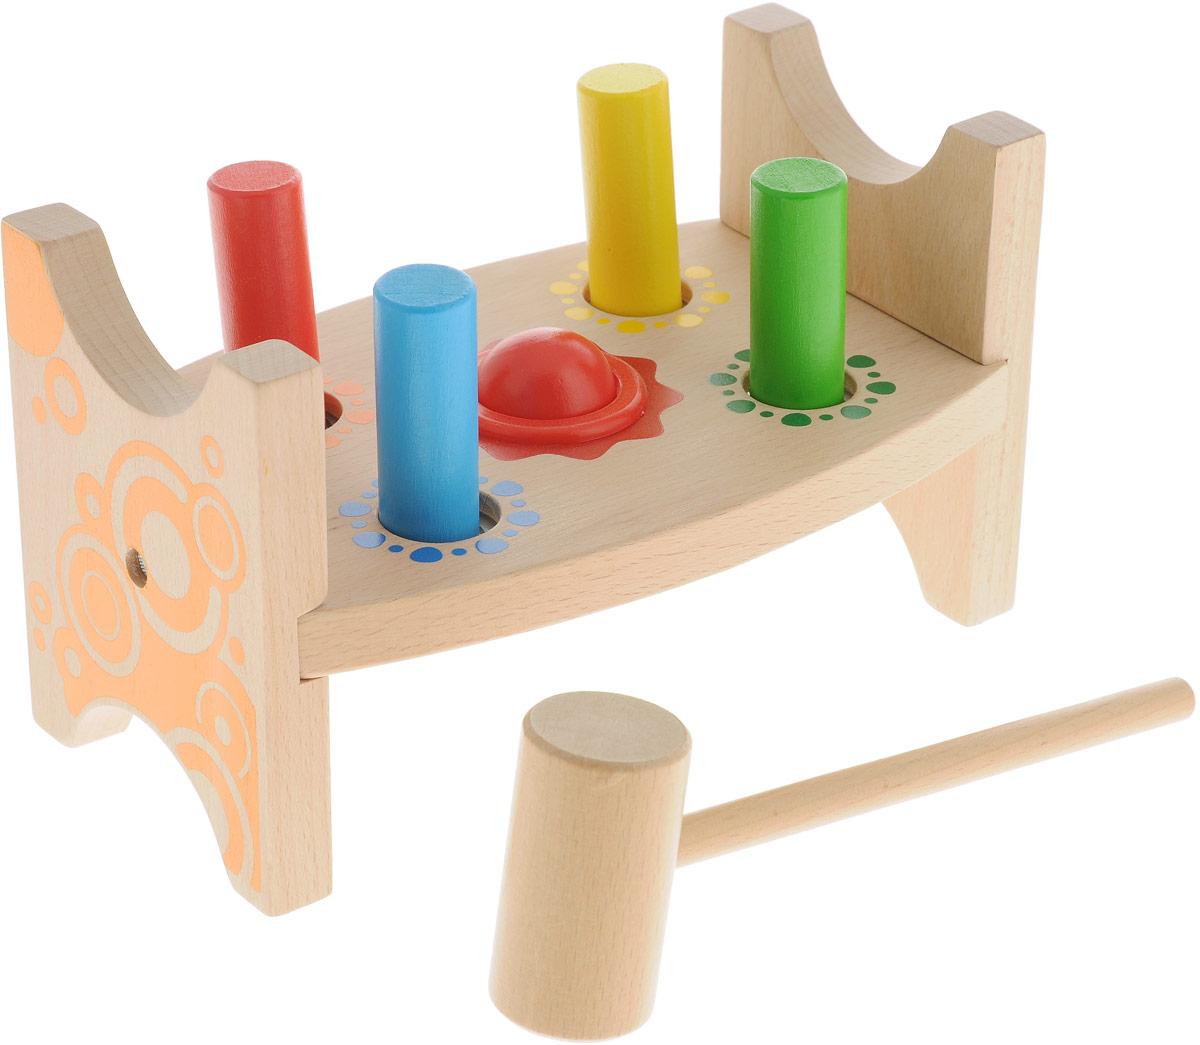 Мир деревянных игрушек Развивающая игрушка Стучалка Шарик и гвоздики развивающая игрушка мир детства зигзаг